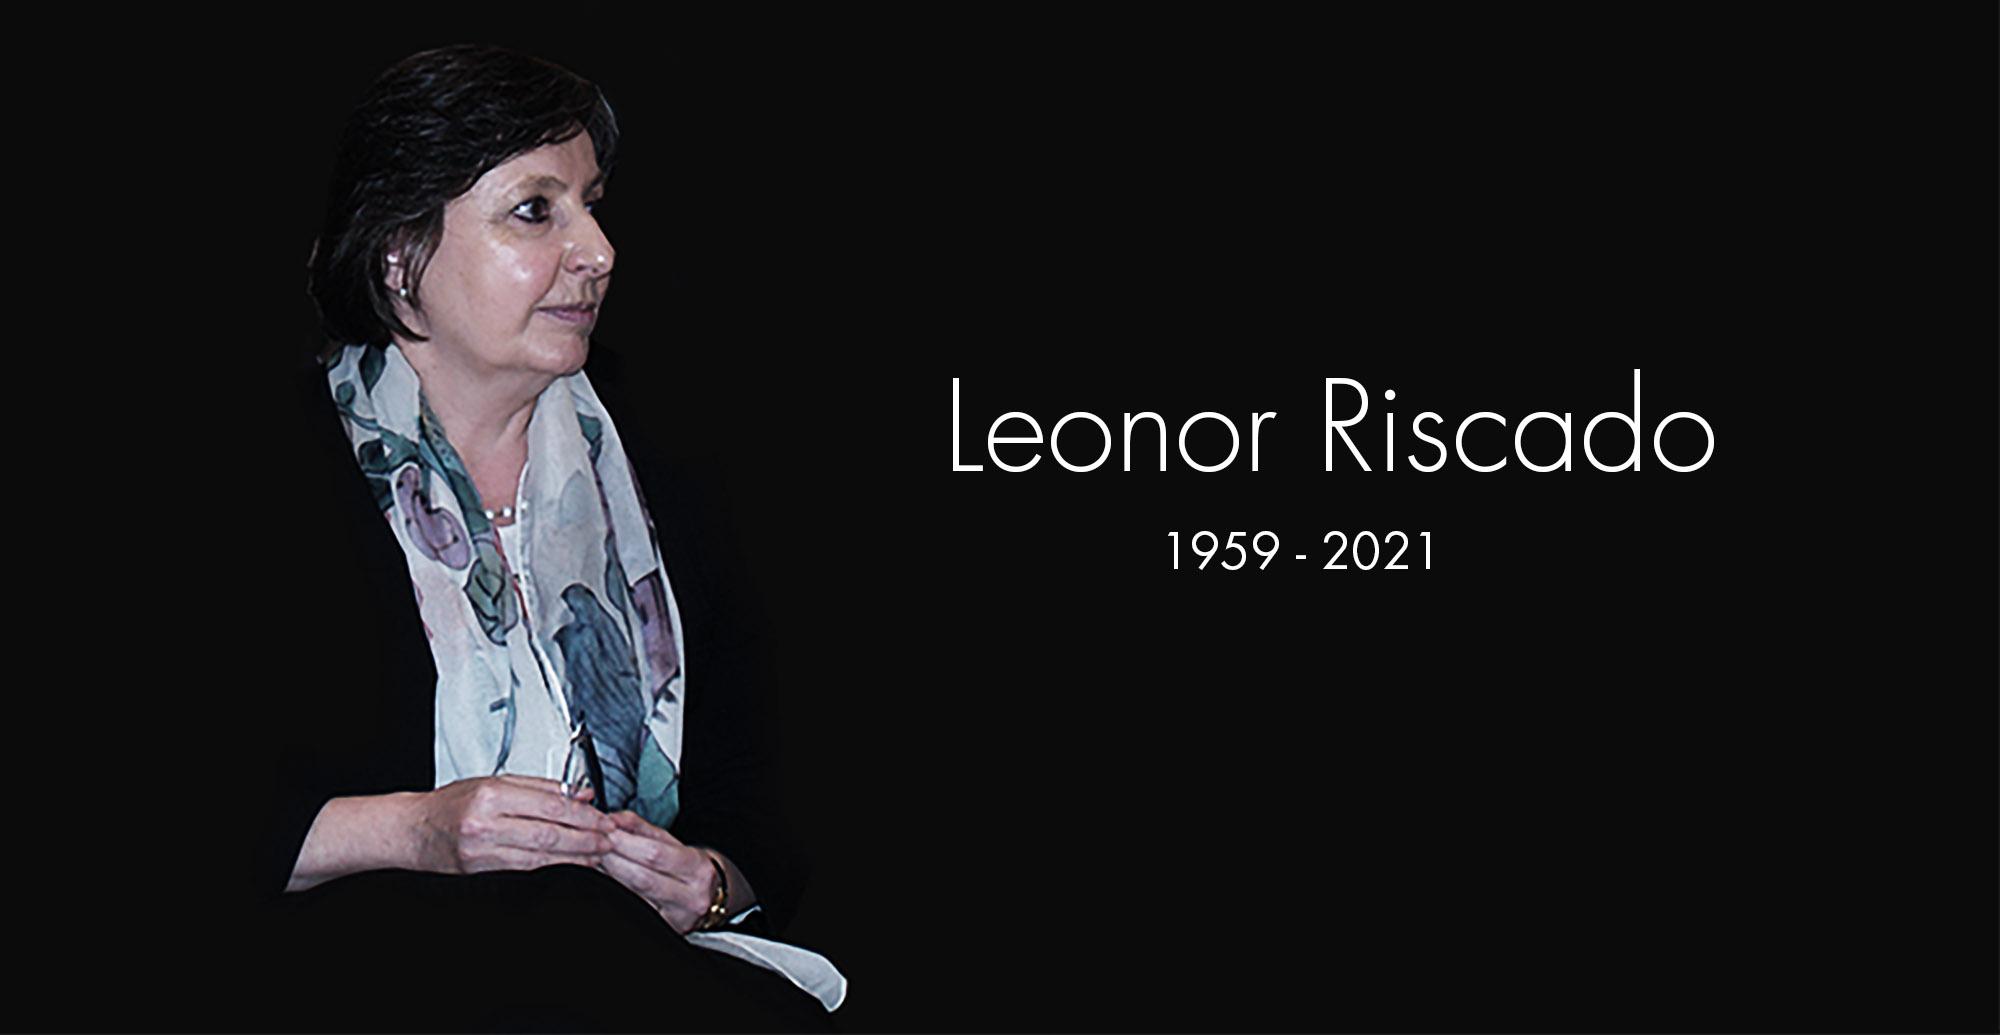 Leonor Riscado